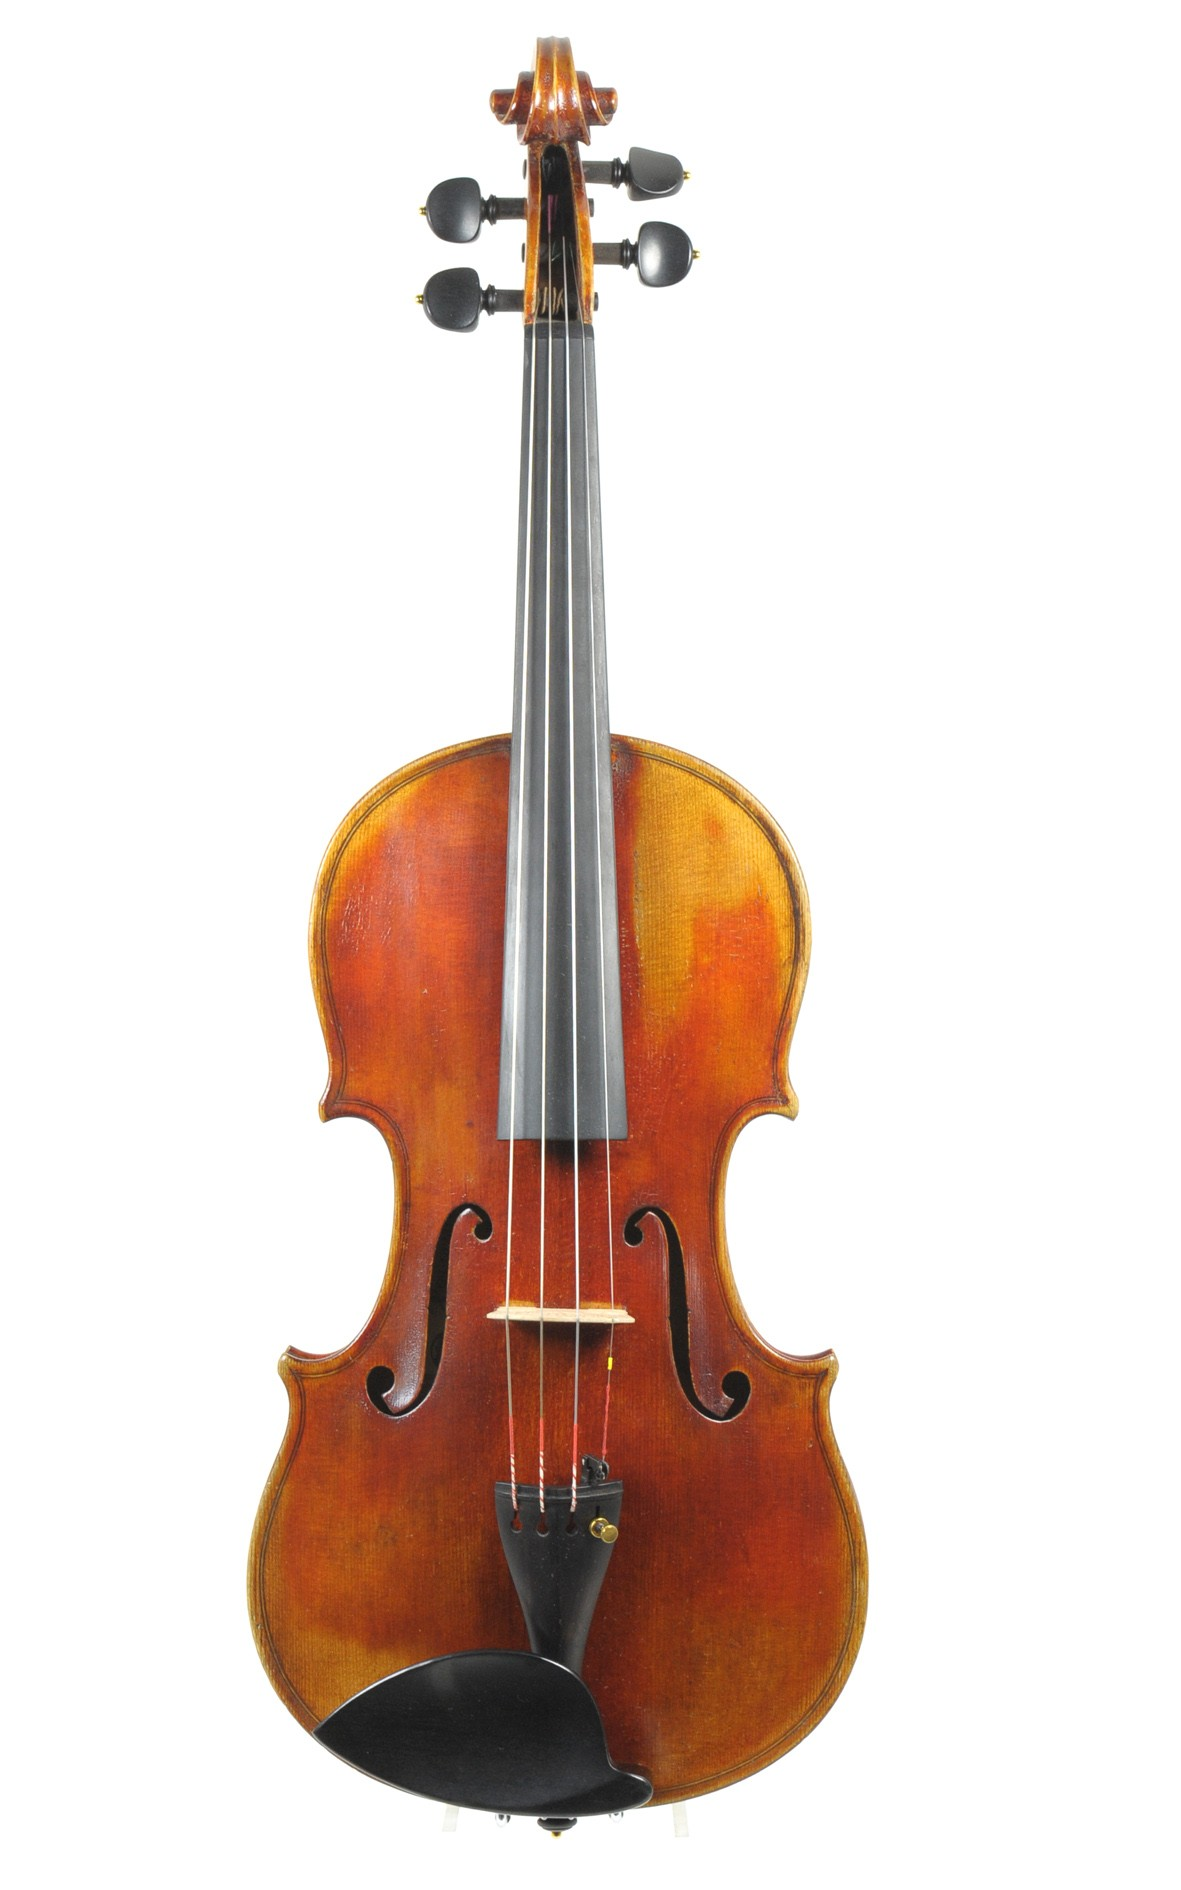 Fine master violin by Johann Glass - top